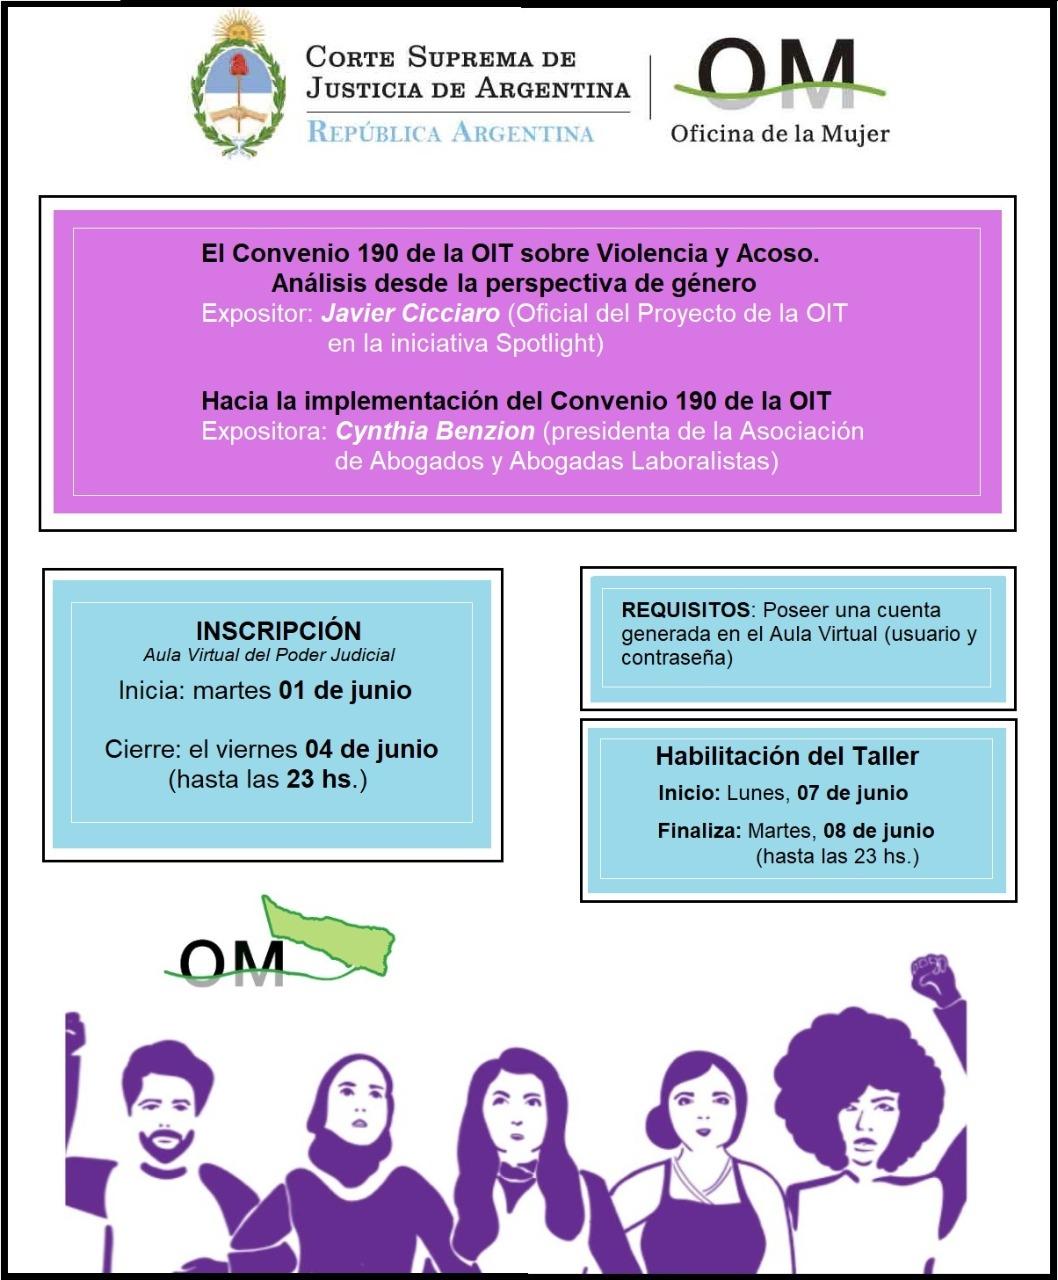 """Segunda Videoconferencia de la CSJN: """"El Convenio 190 de la OIT sobre violencia y acoso laboral"""""""